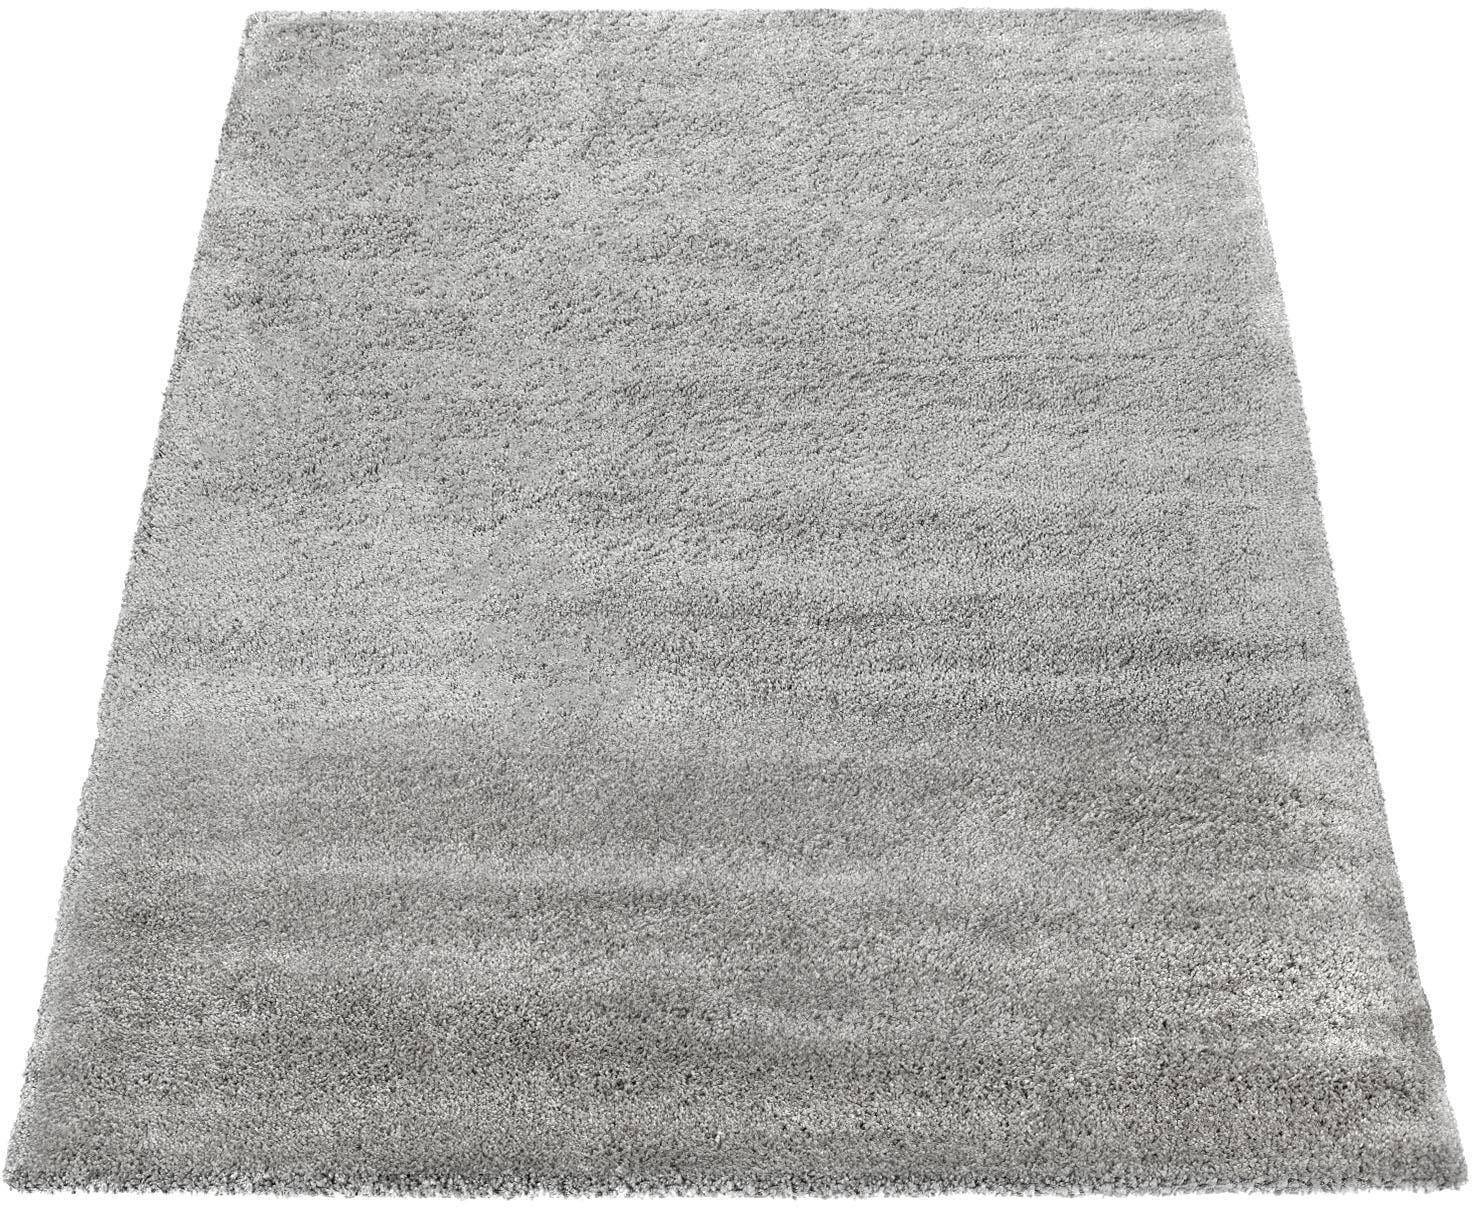 Teppich Rio XXL 300 Paco Home rechteckig Höhe 55 mm